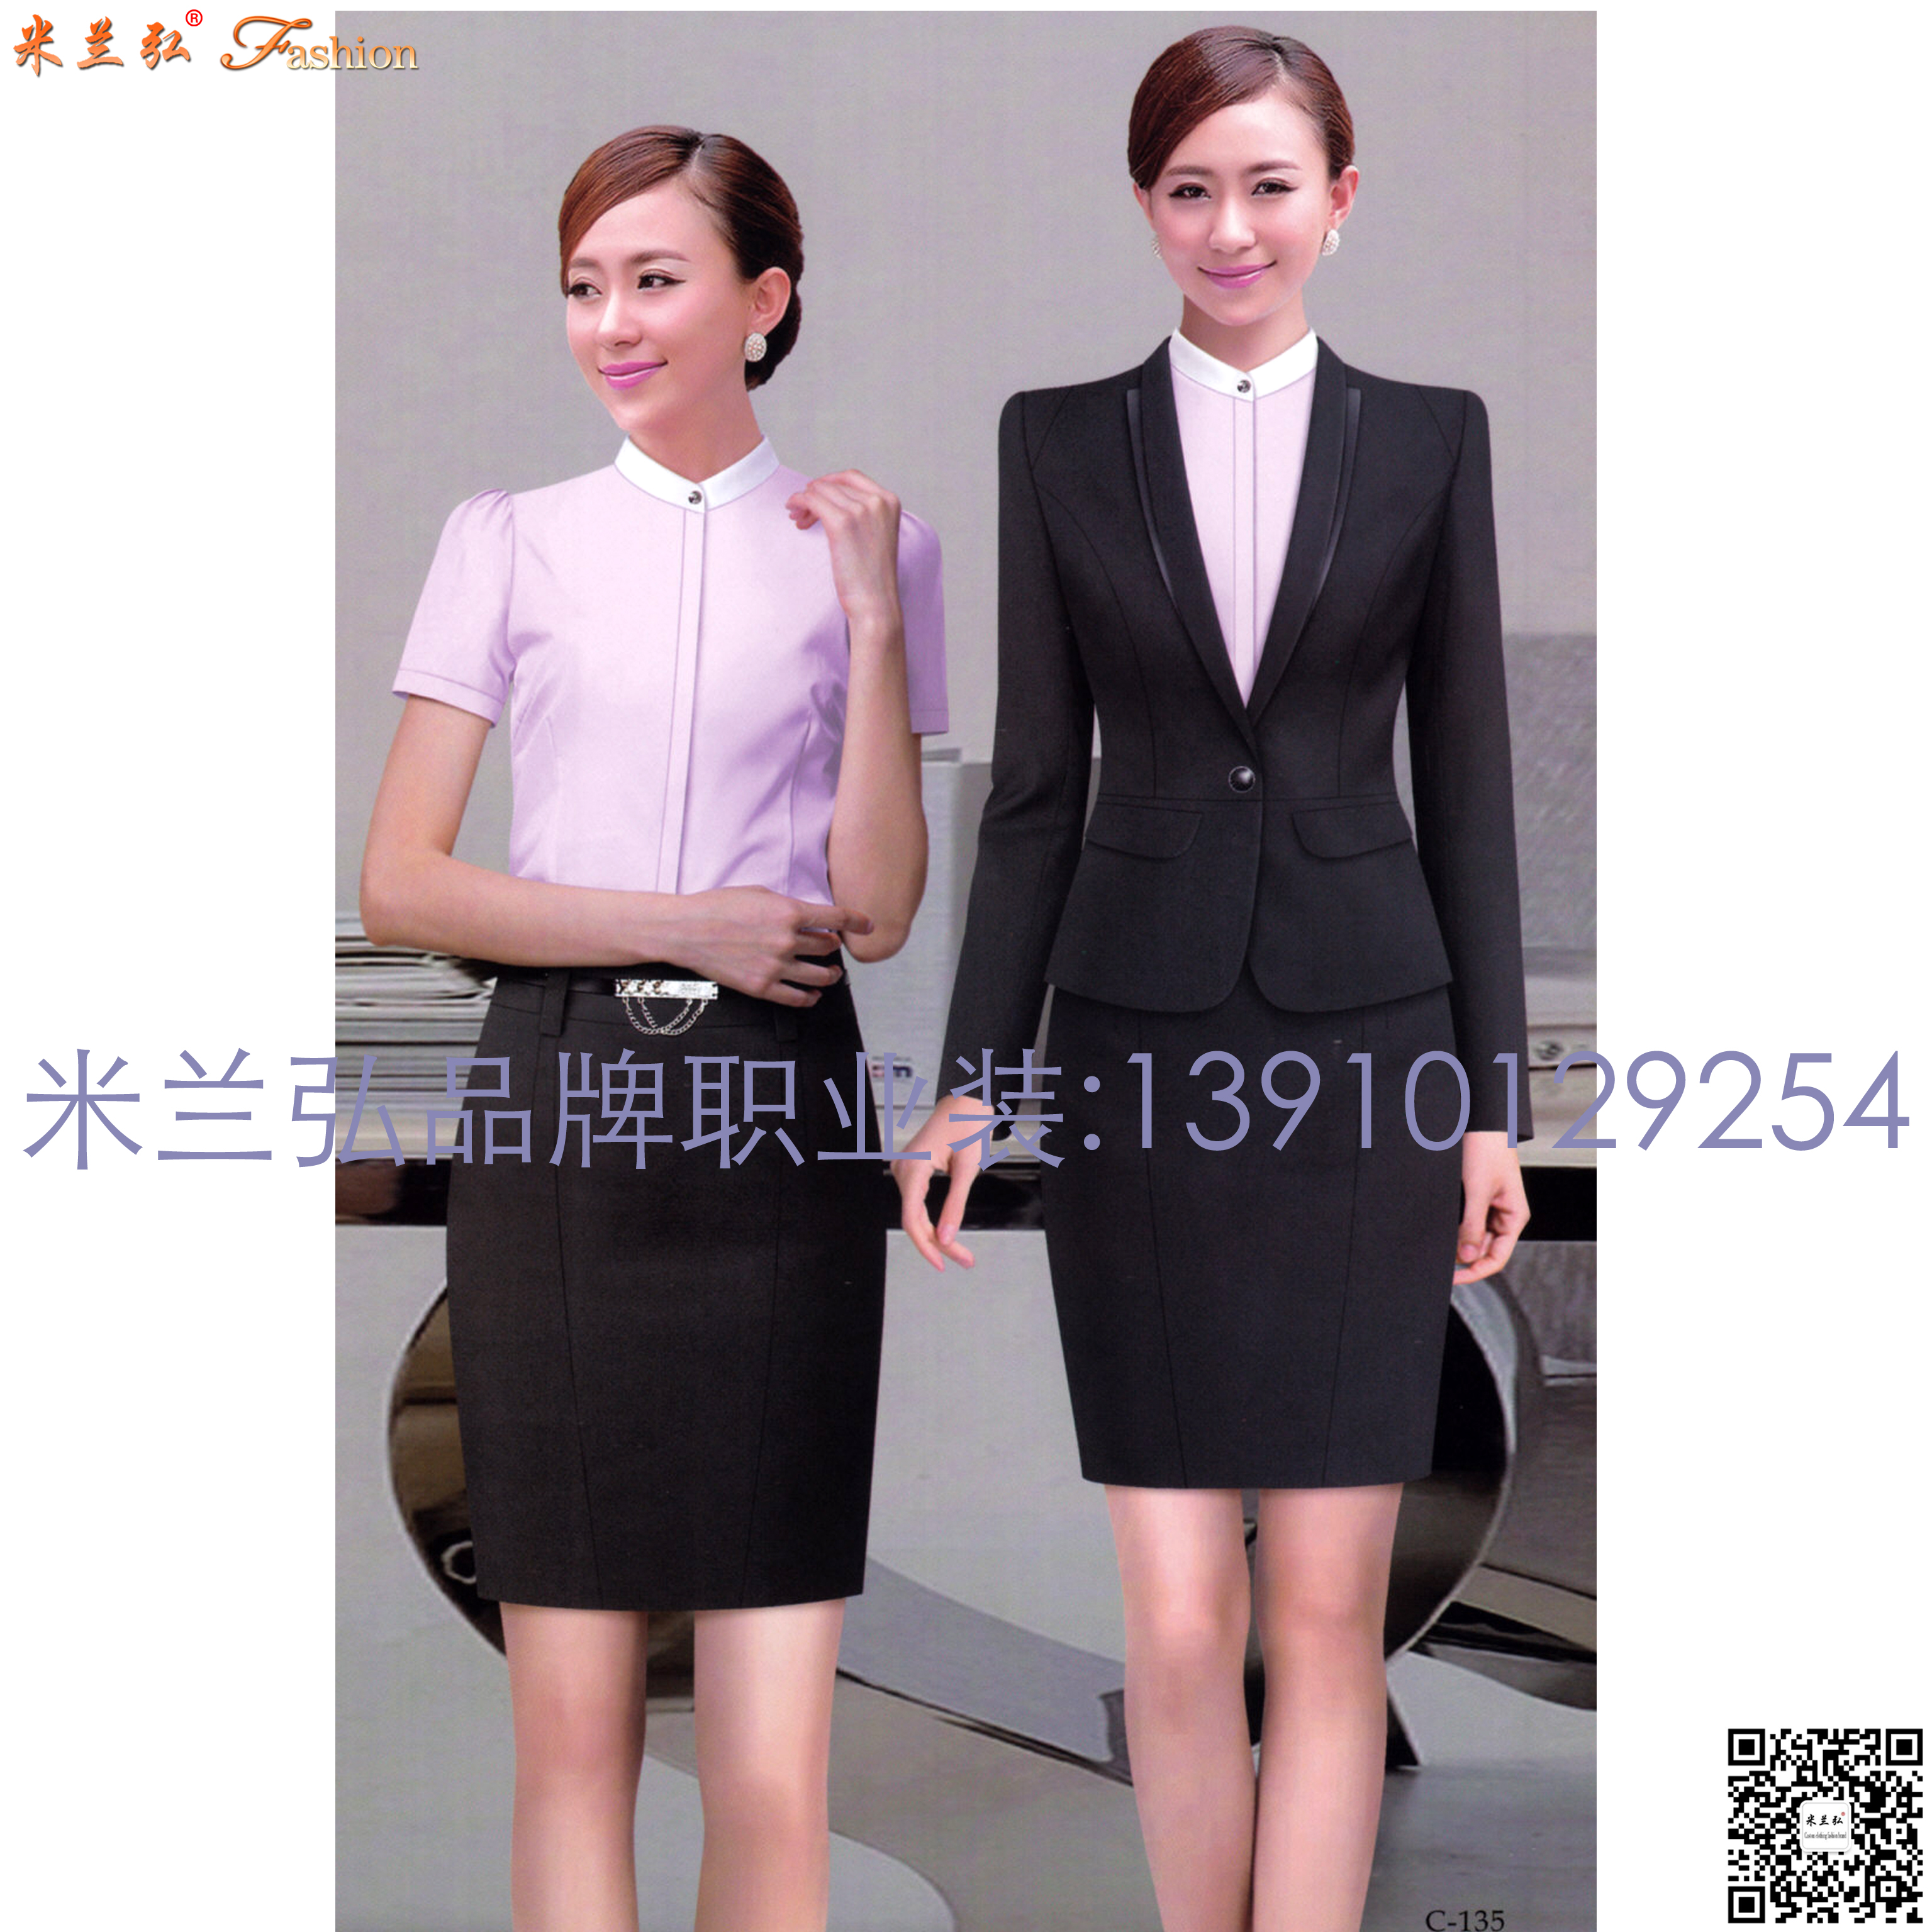 北京哪里可以定做西服北京西服时尚职业装韩版女装量身定做西服办公室制服定做-1